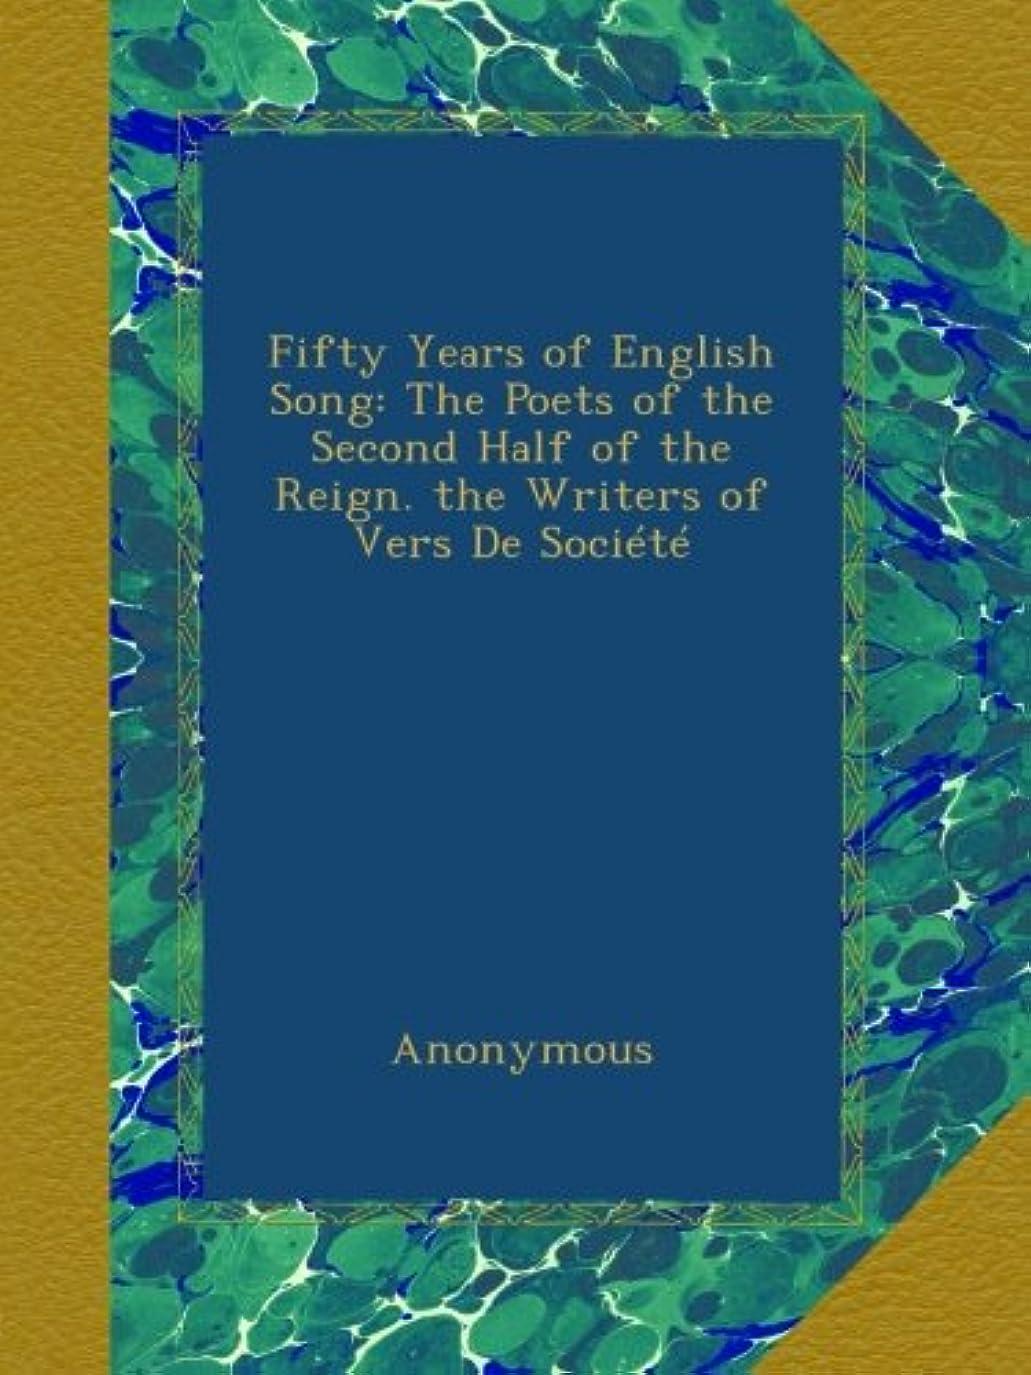 役員市の中心部手入れFifty Years of English Song: The Poets of the Second Half of the Reign. the Writers of Vers De Société